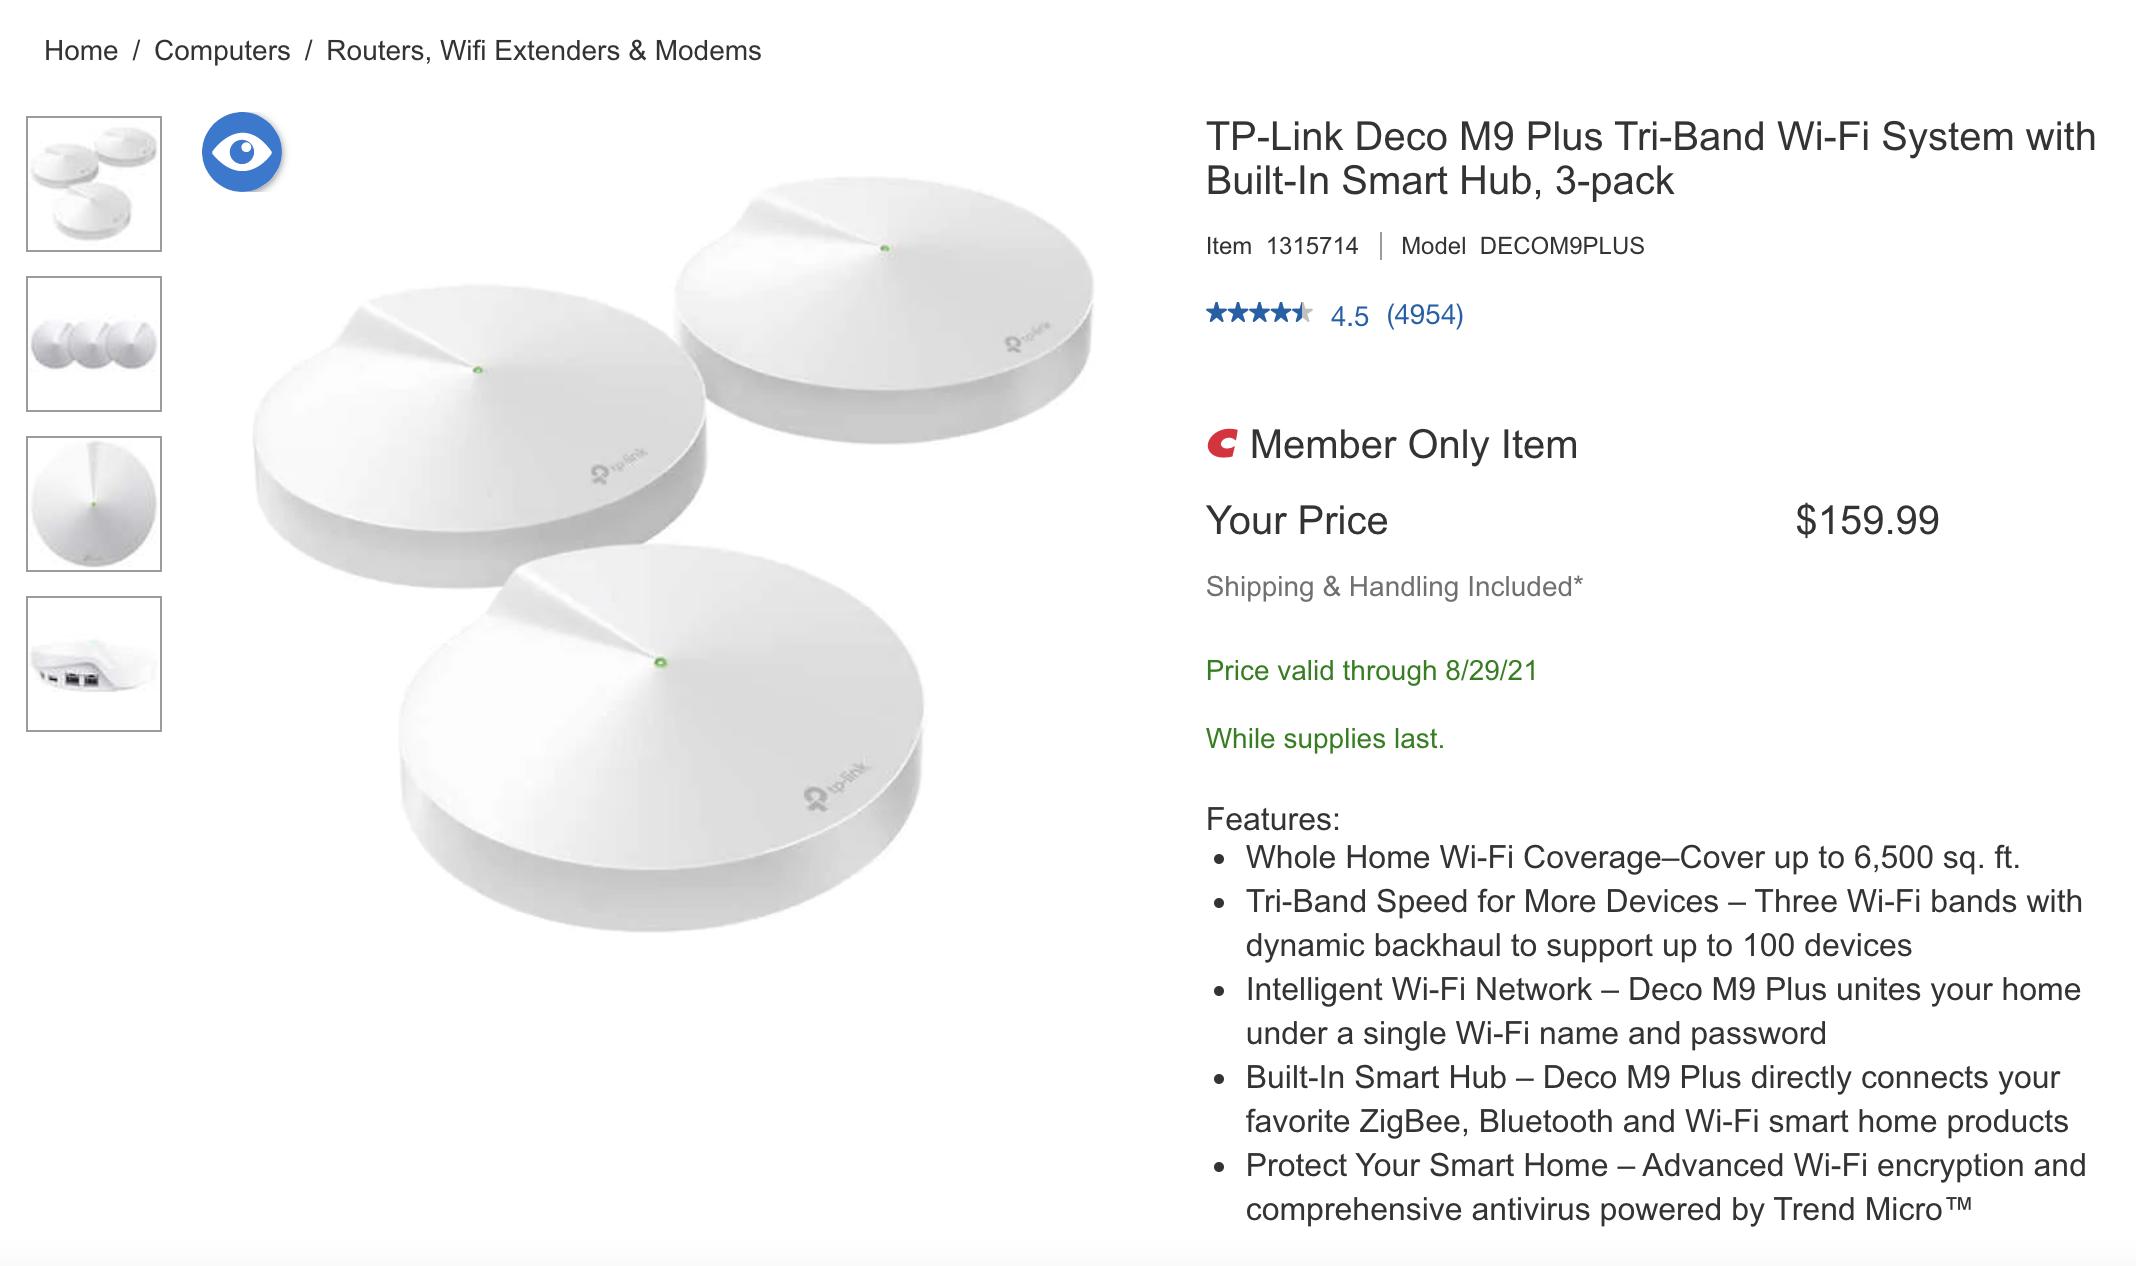 TP-Link Deco M9 (3 pack) $159.99